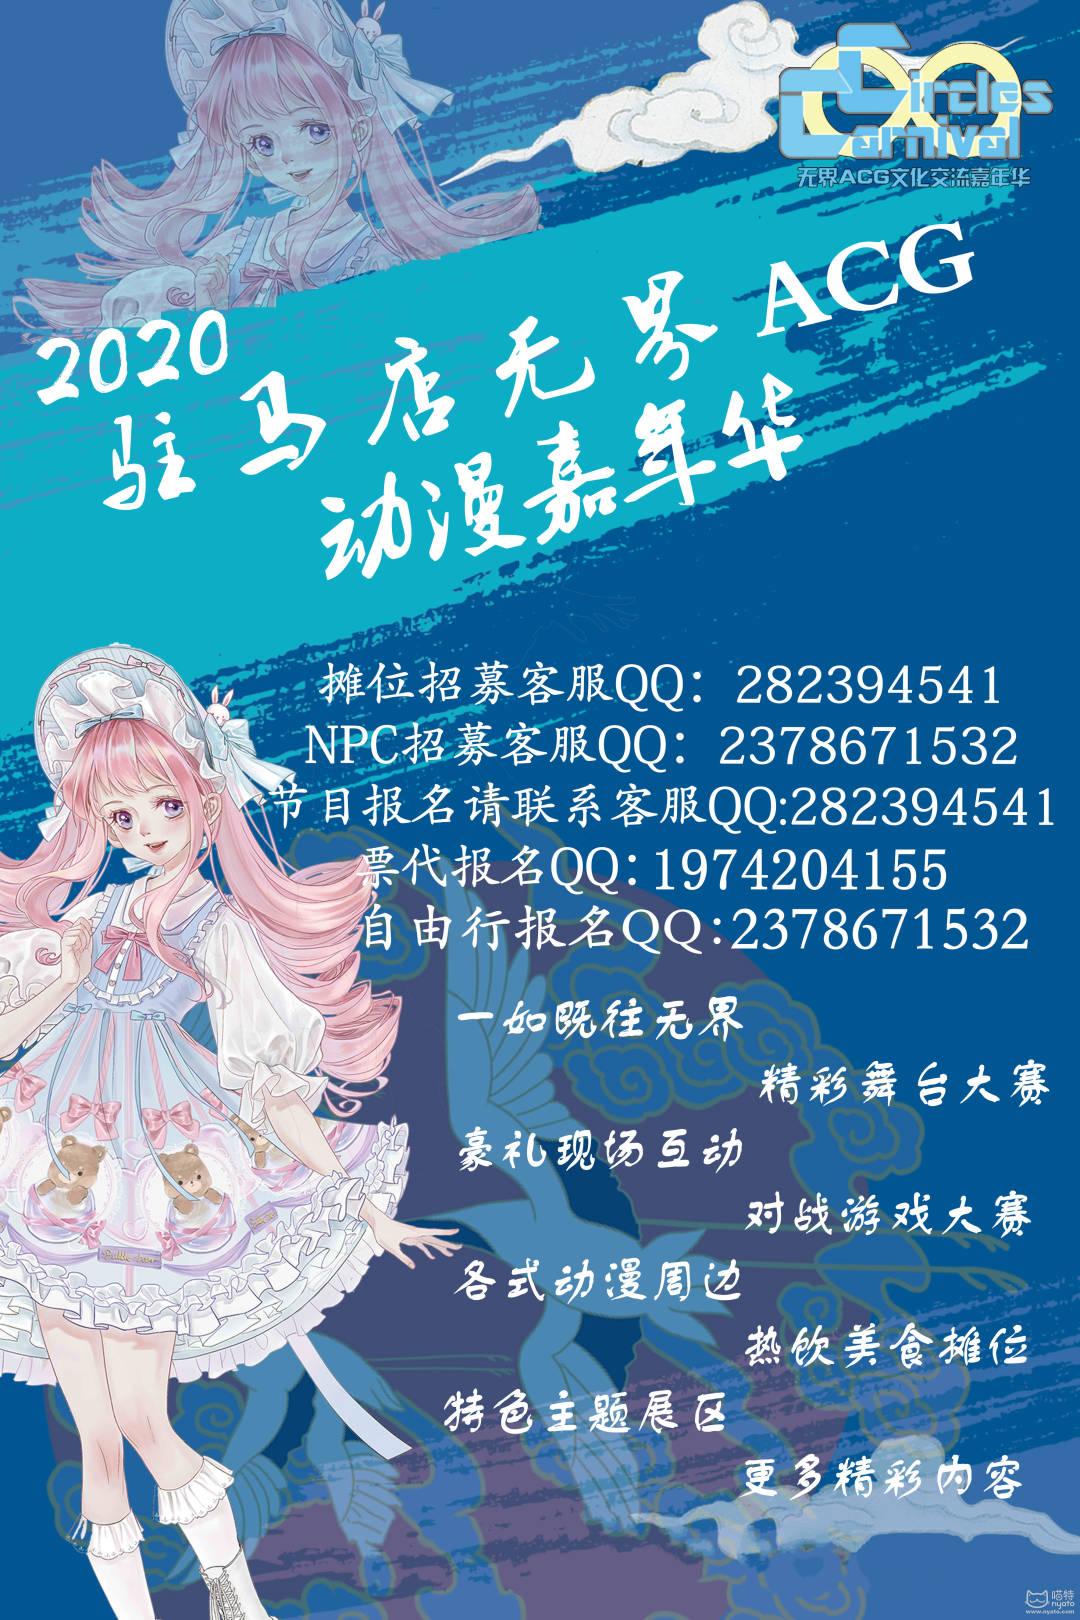 5招募信息.jpg